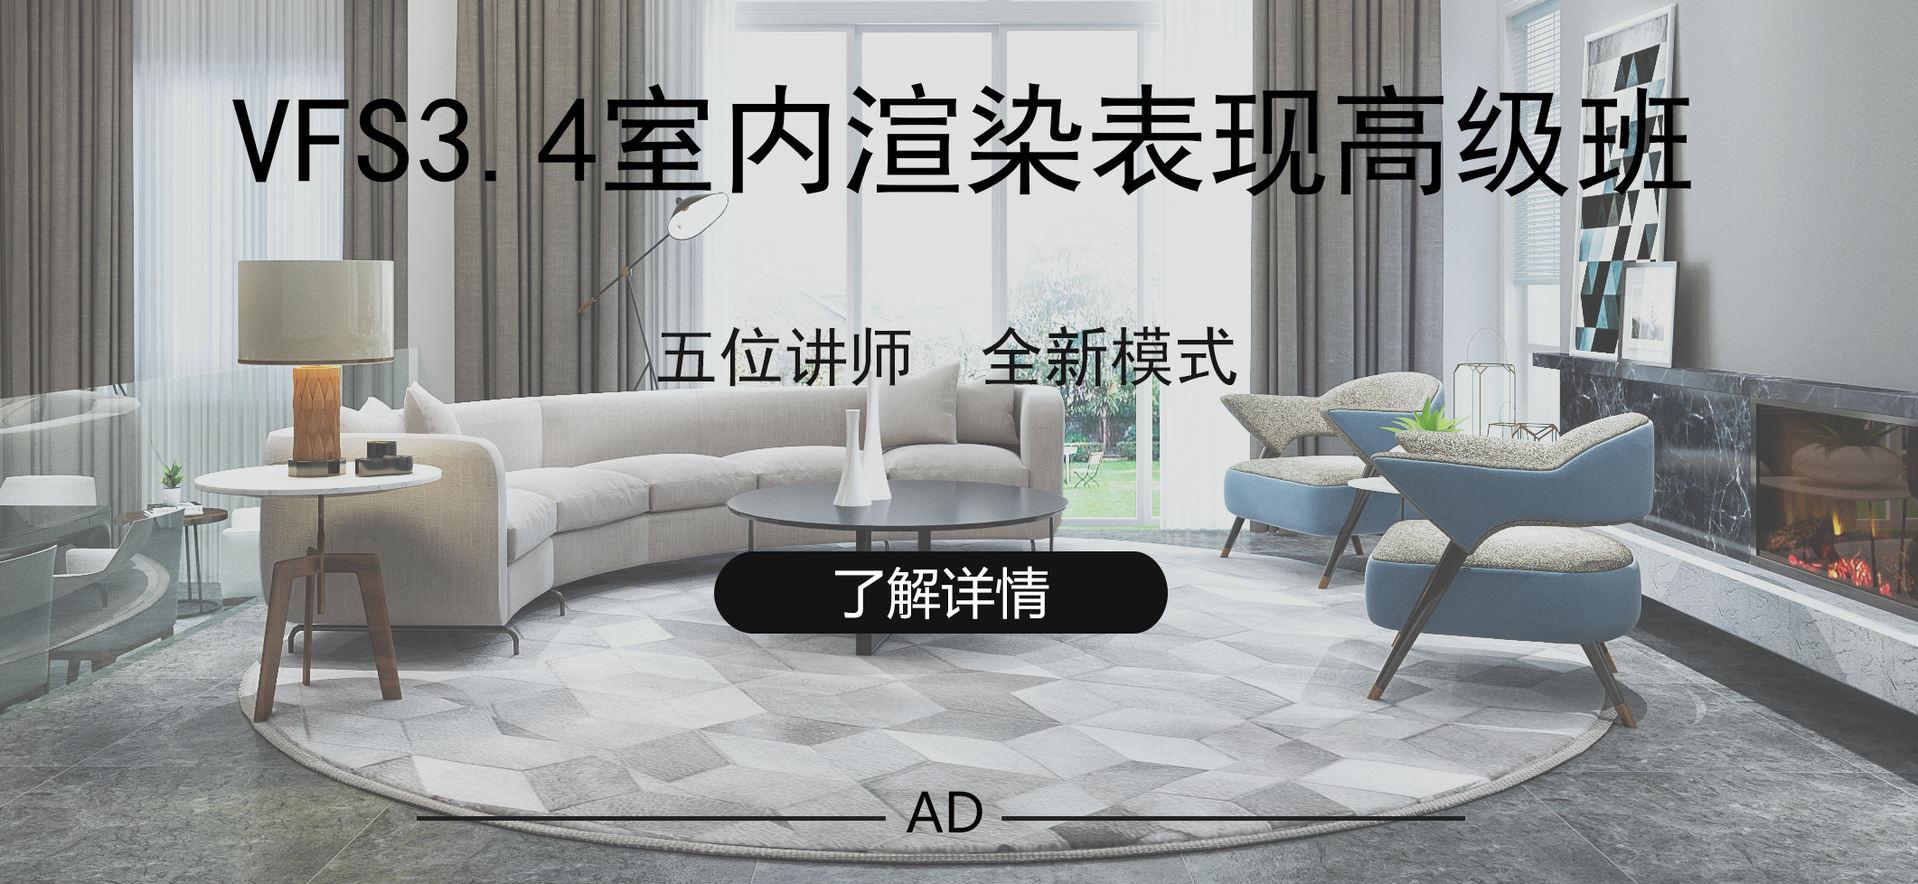 广告2.jpg